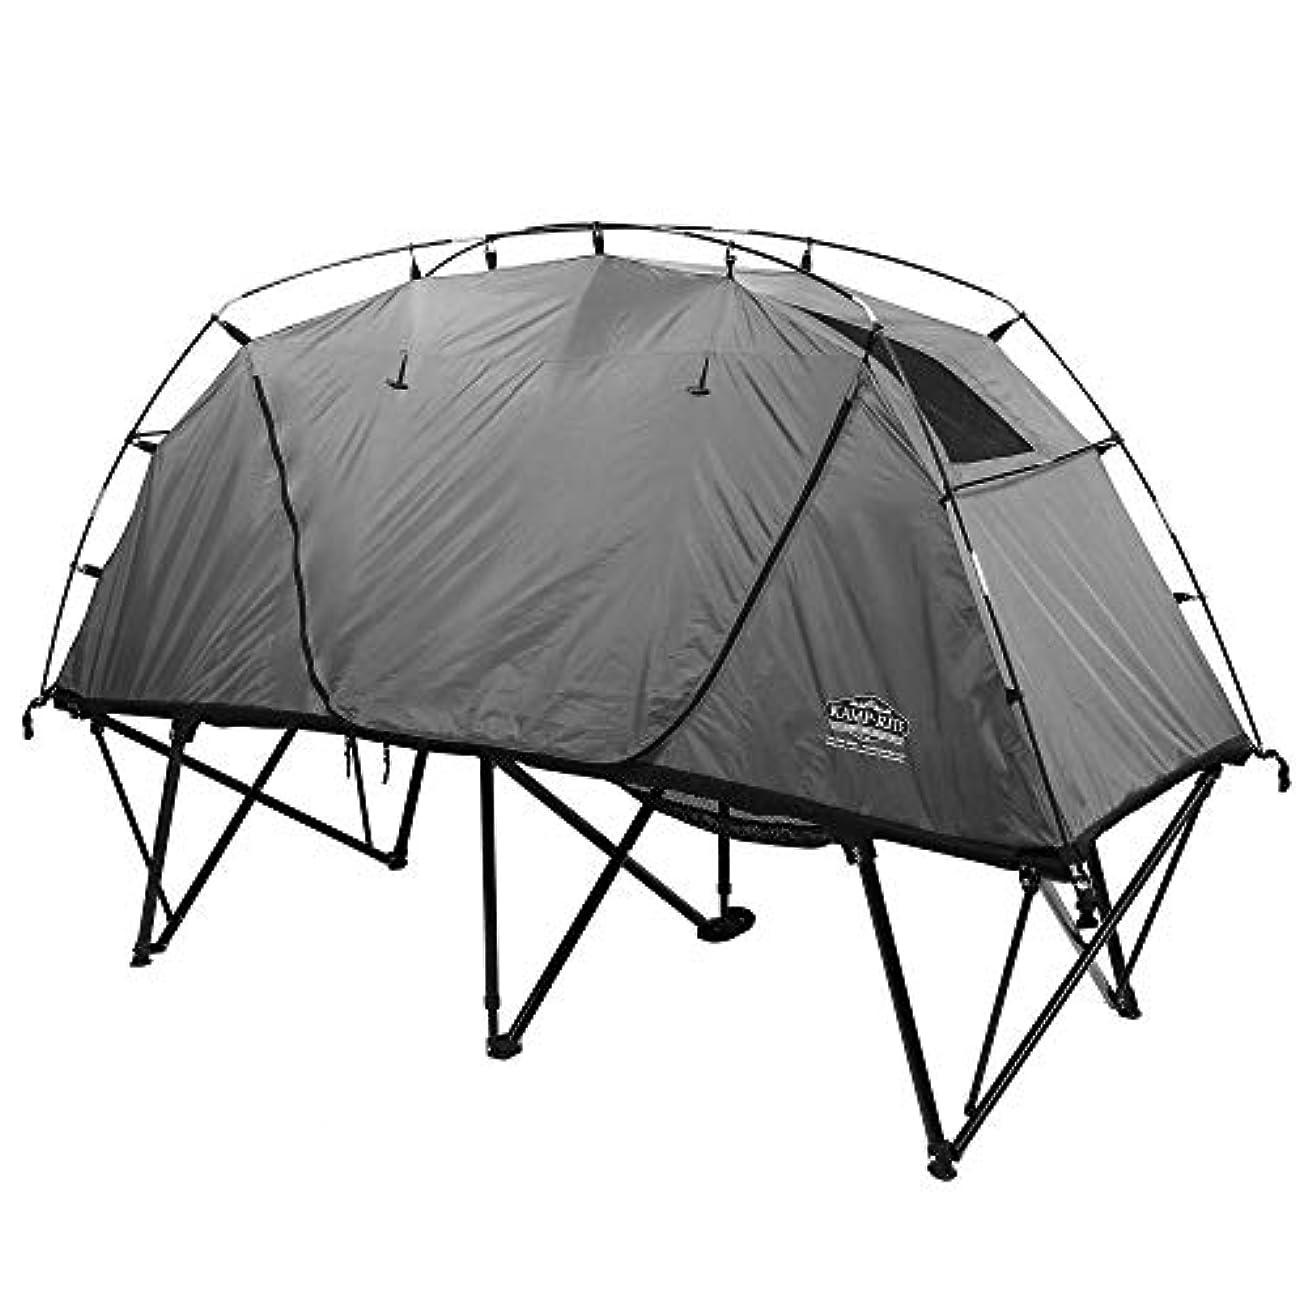 砂ゴール愛撫Kamp-Rite CTC XL コンパクト 折りたたみ式 バックパッキング テント コット